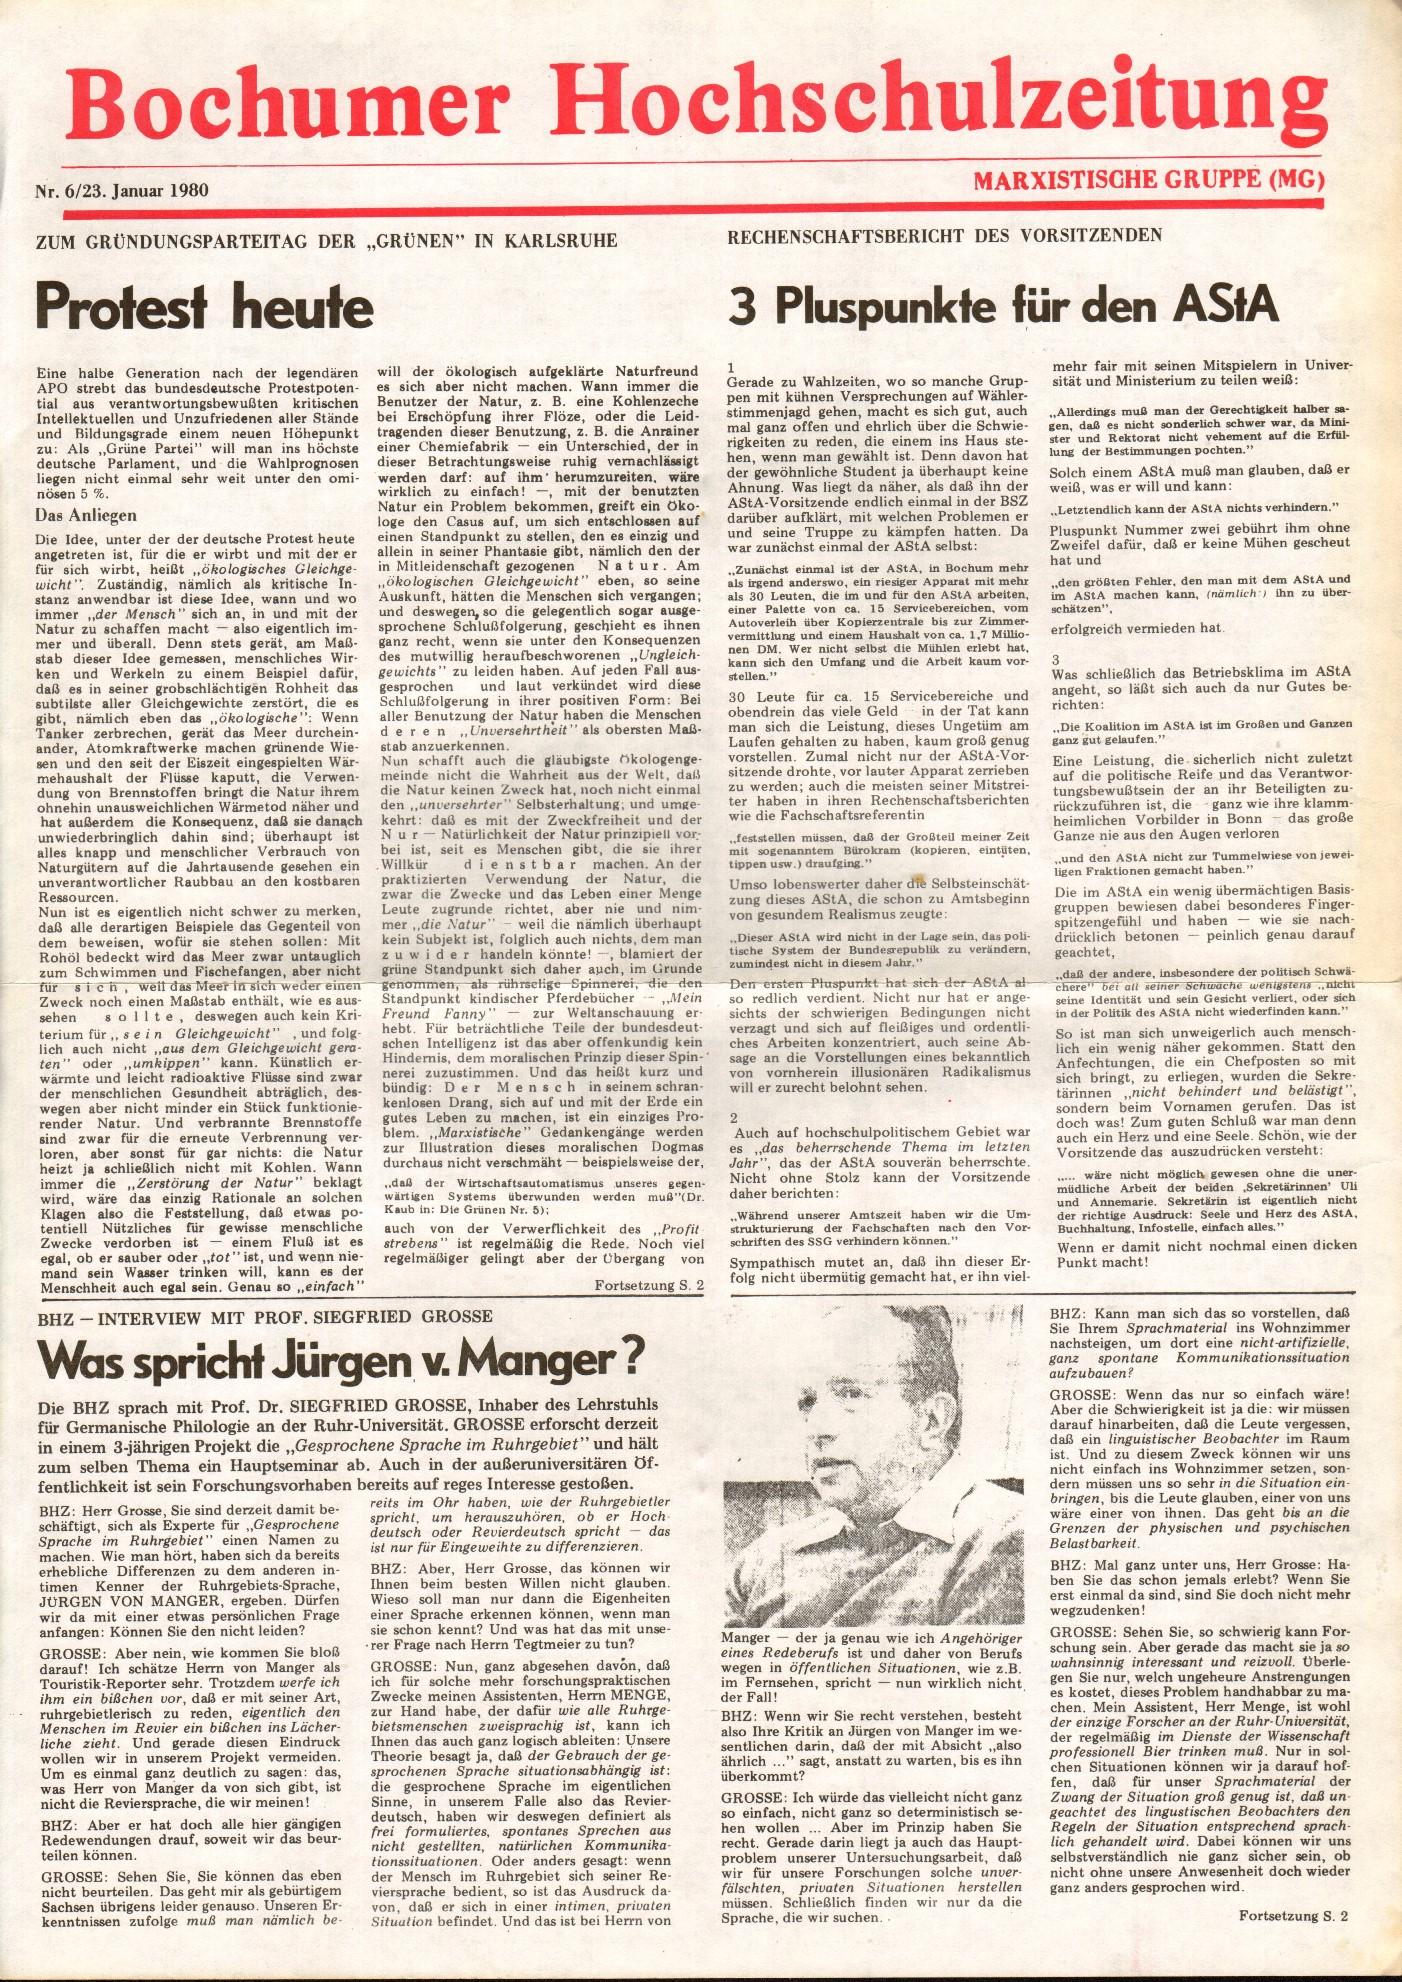 MG_Bochumer_Hochschulzeitung_19800123_01